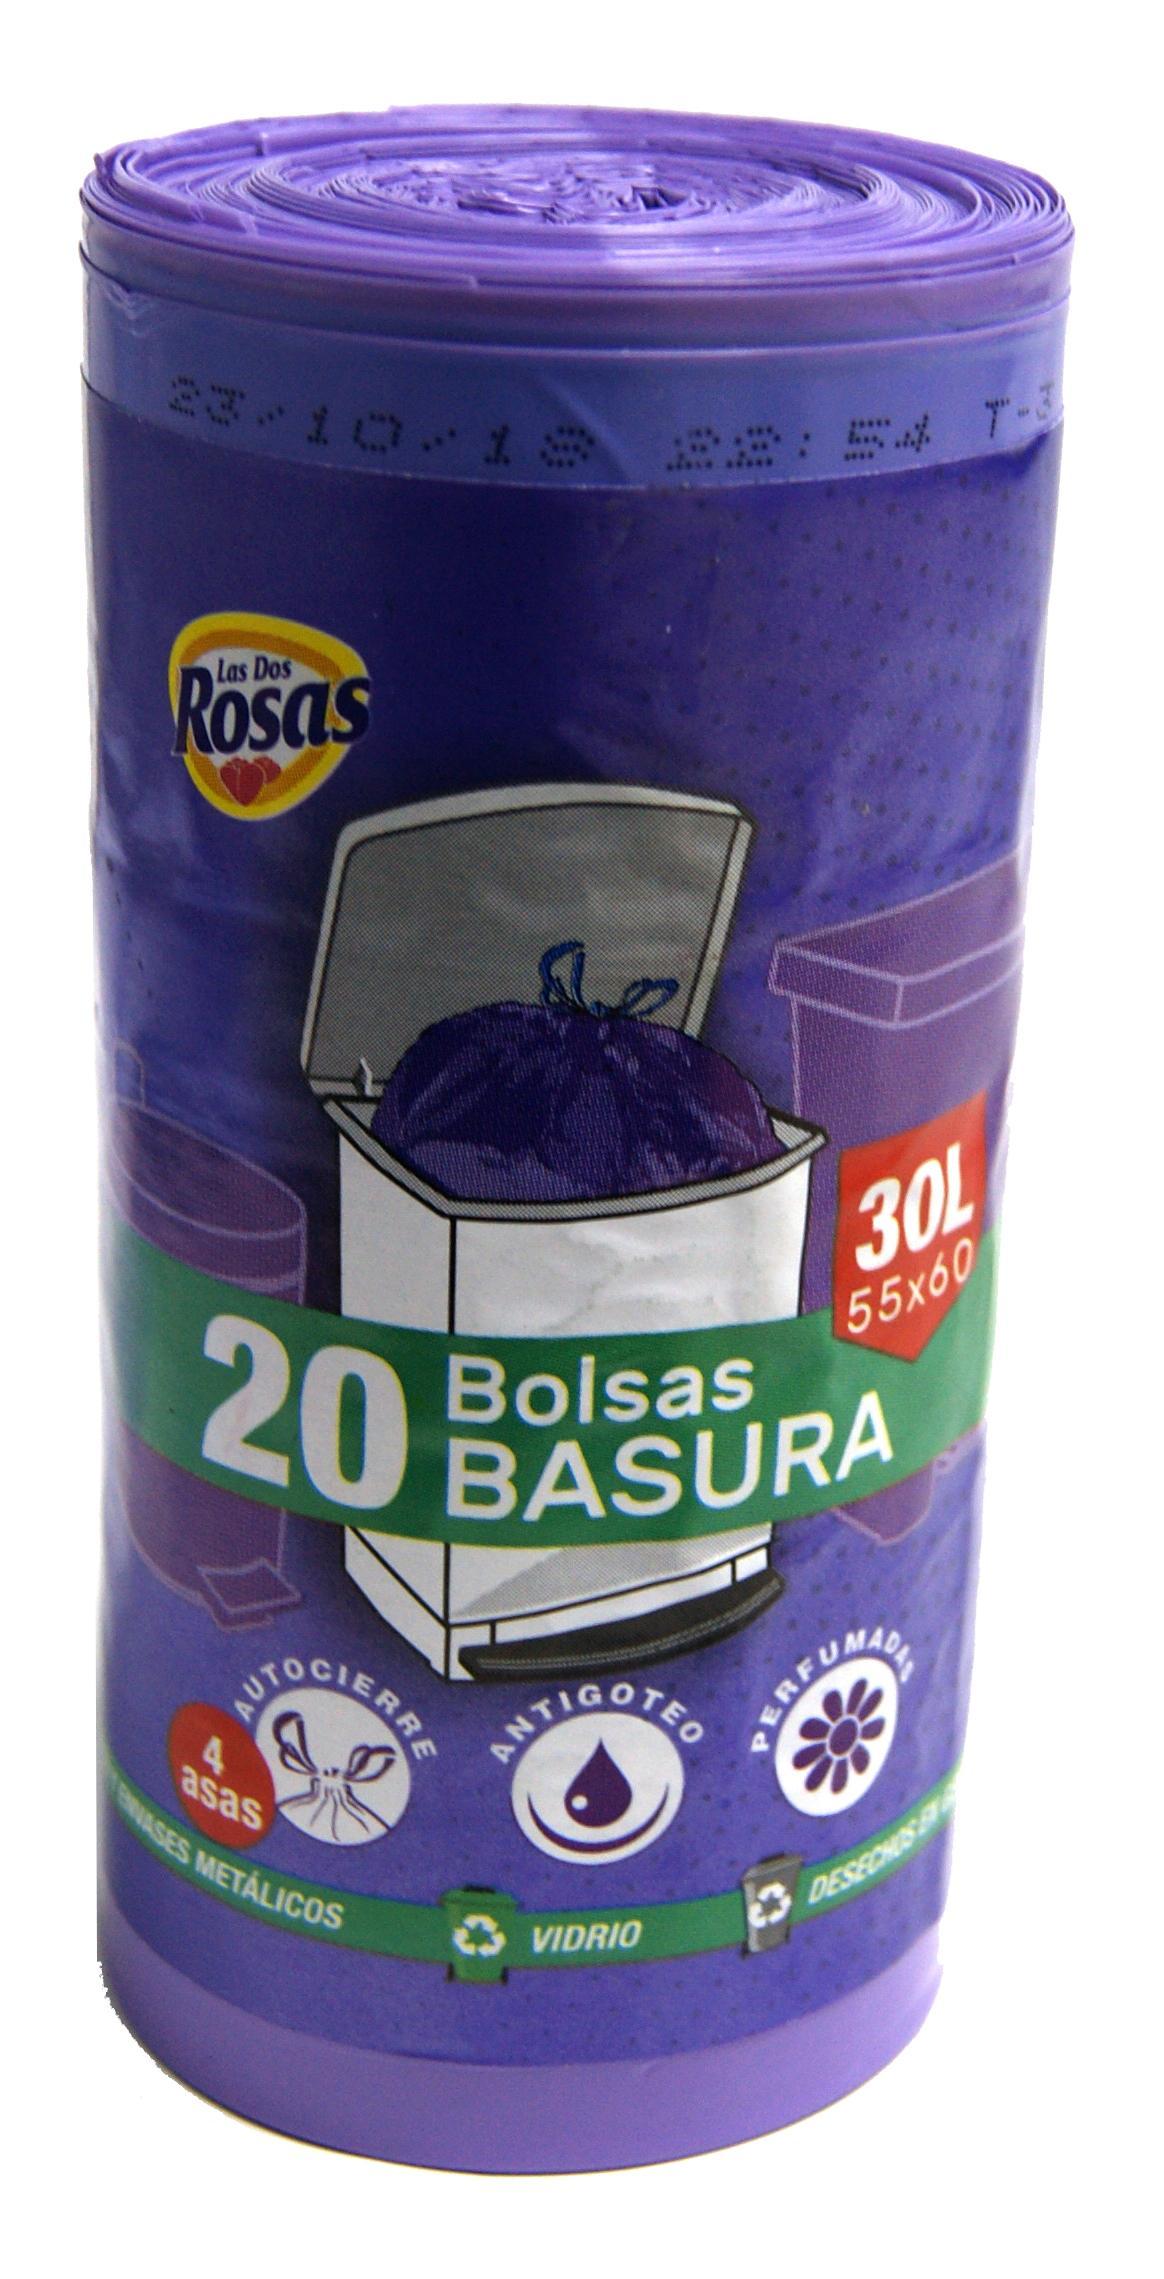 Las 2 Rosas bolsa basura 30l morada 20u